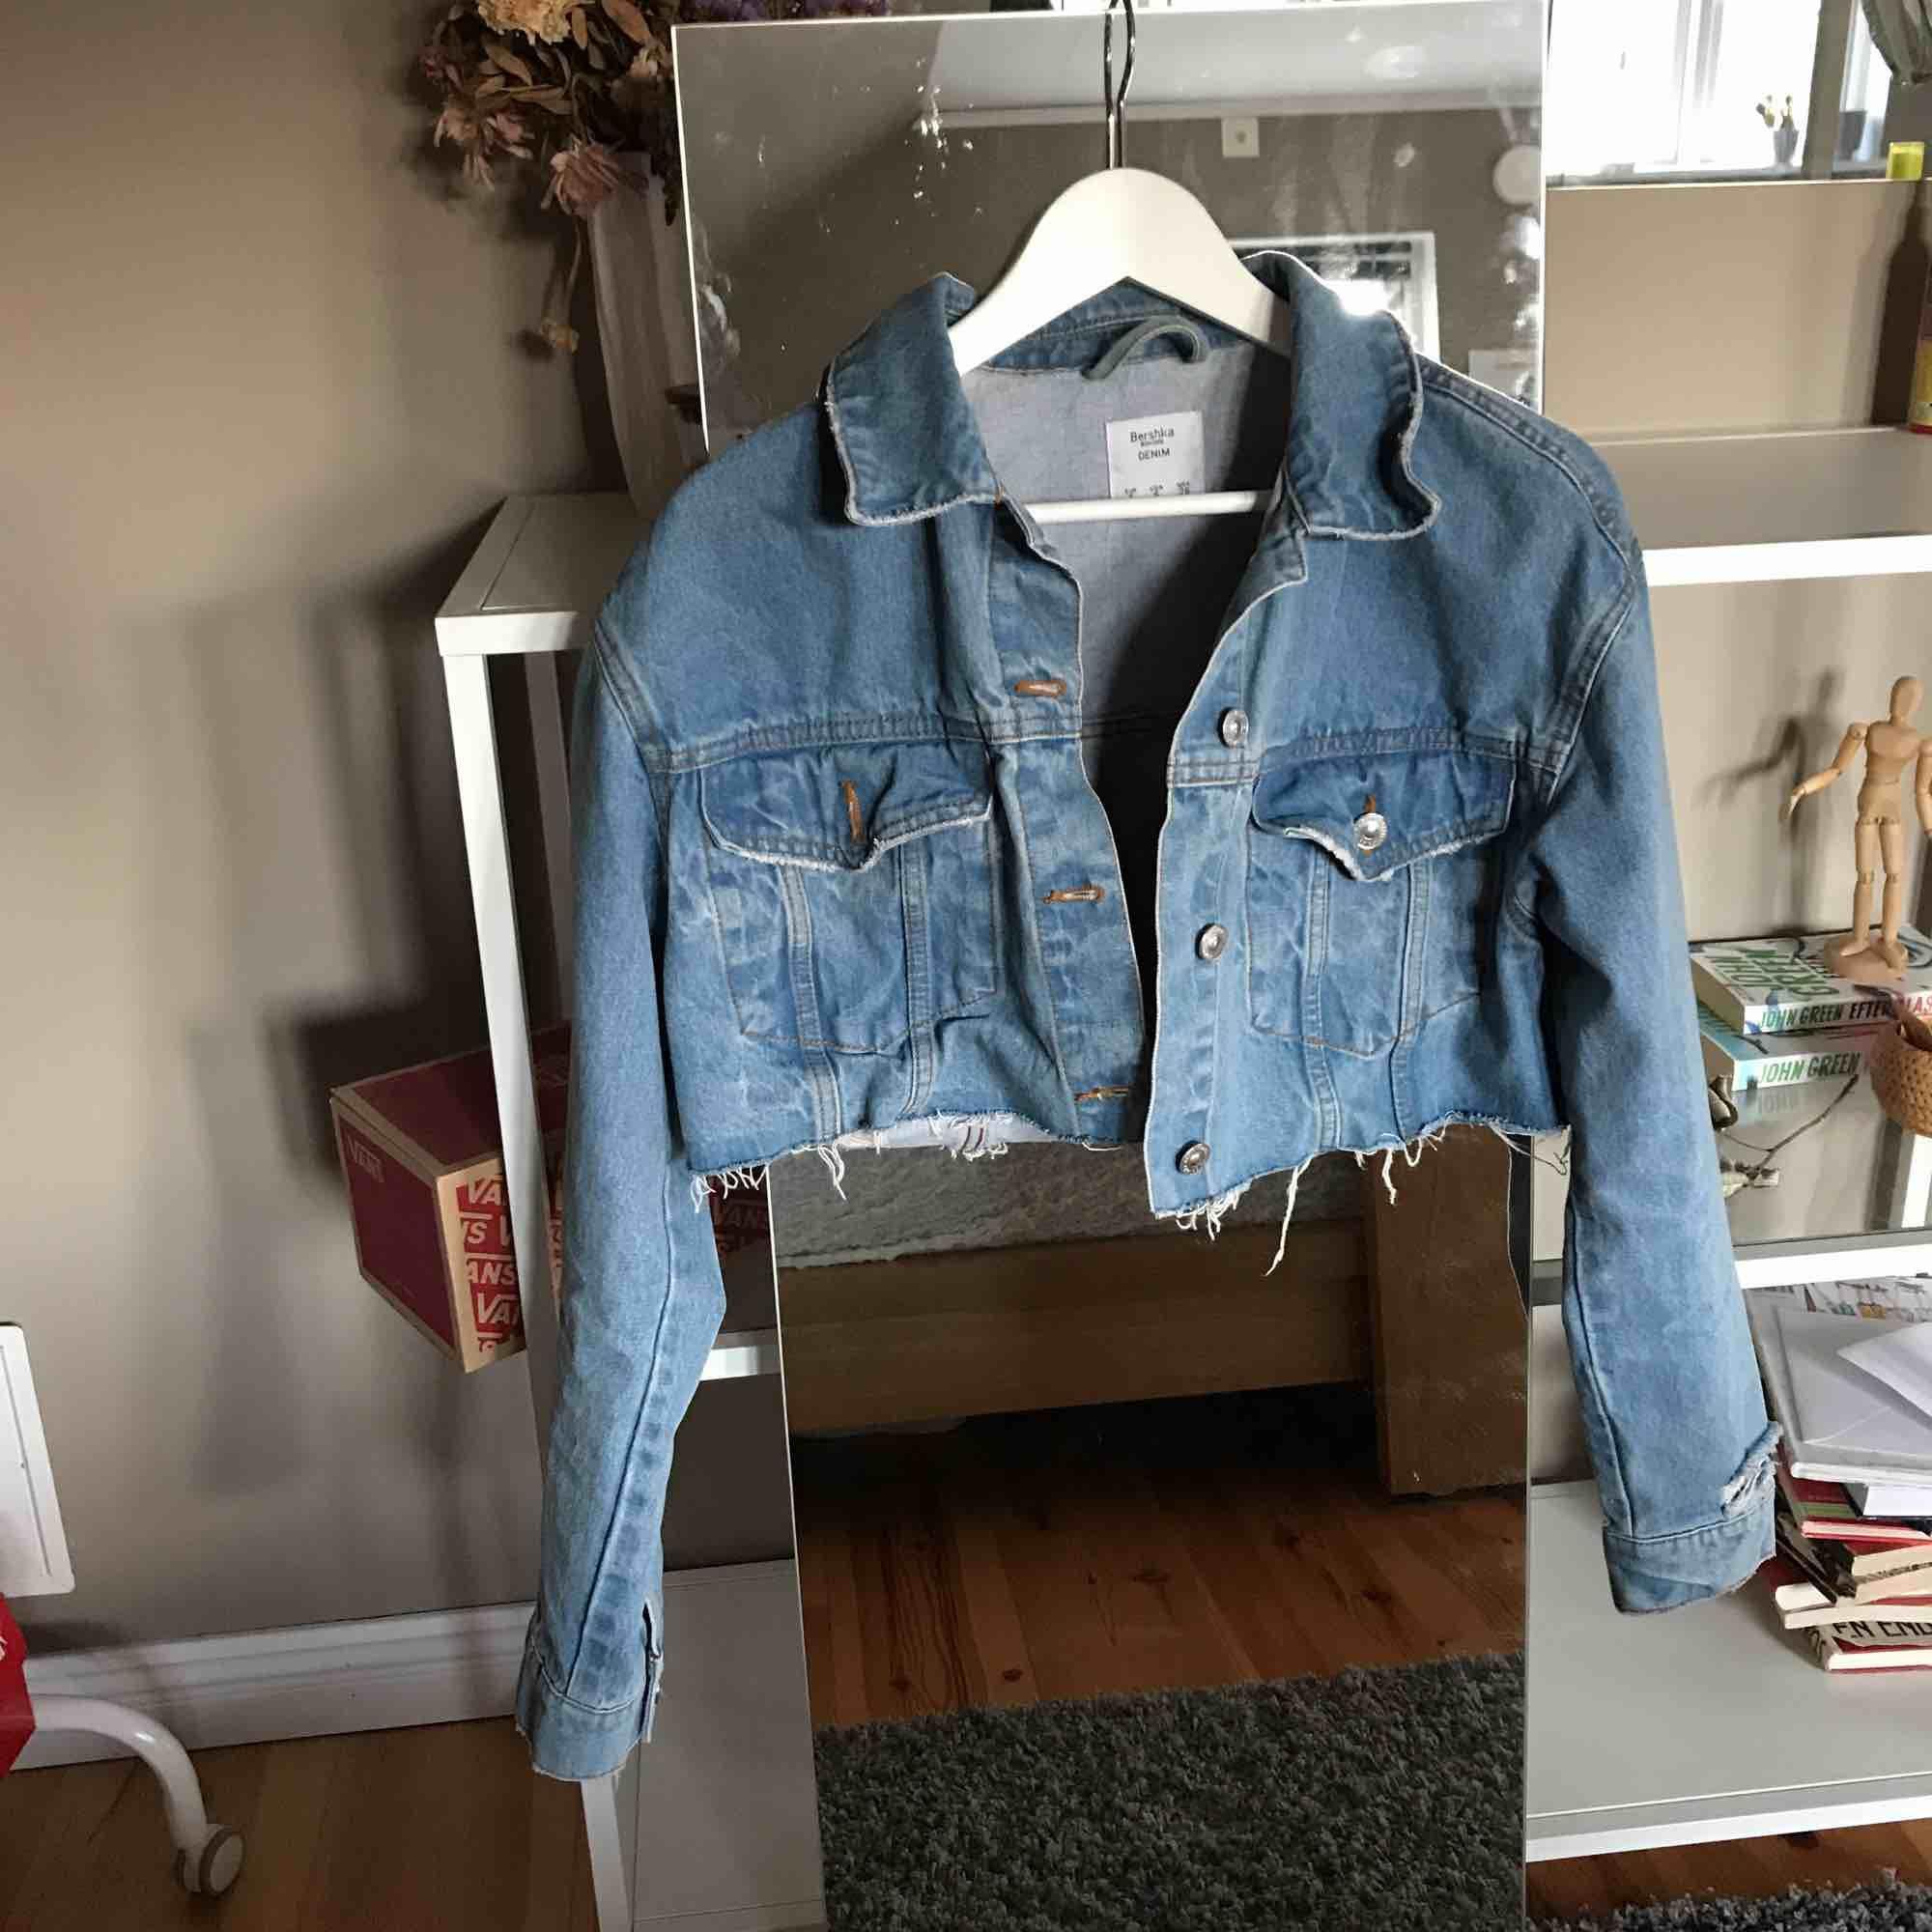 6d83ca16 Sparsamt använd jeansjacka som köptes avklippt på Bershka i London! Väldigt  fin nu till våren ...